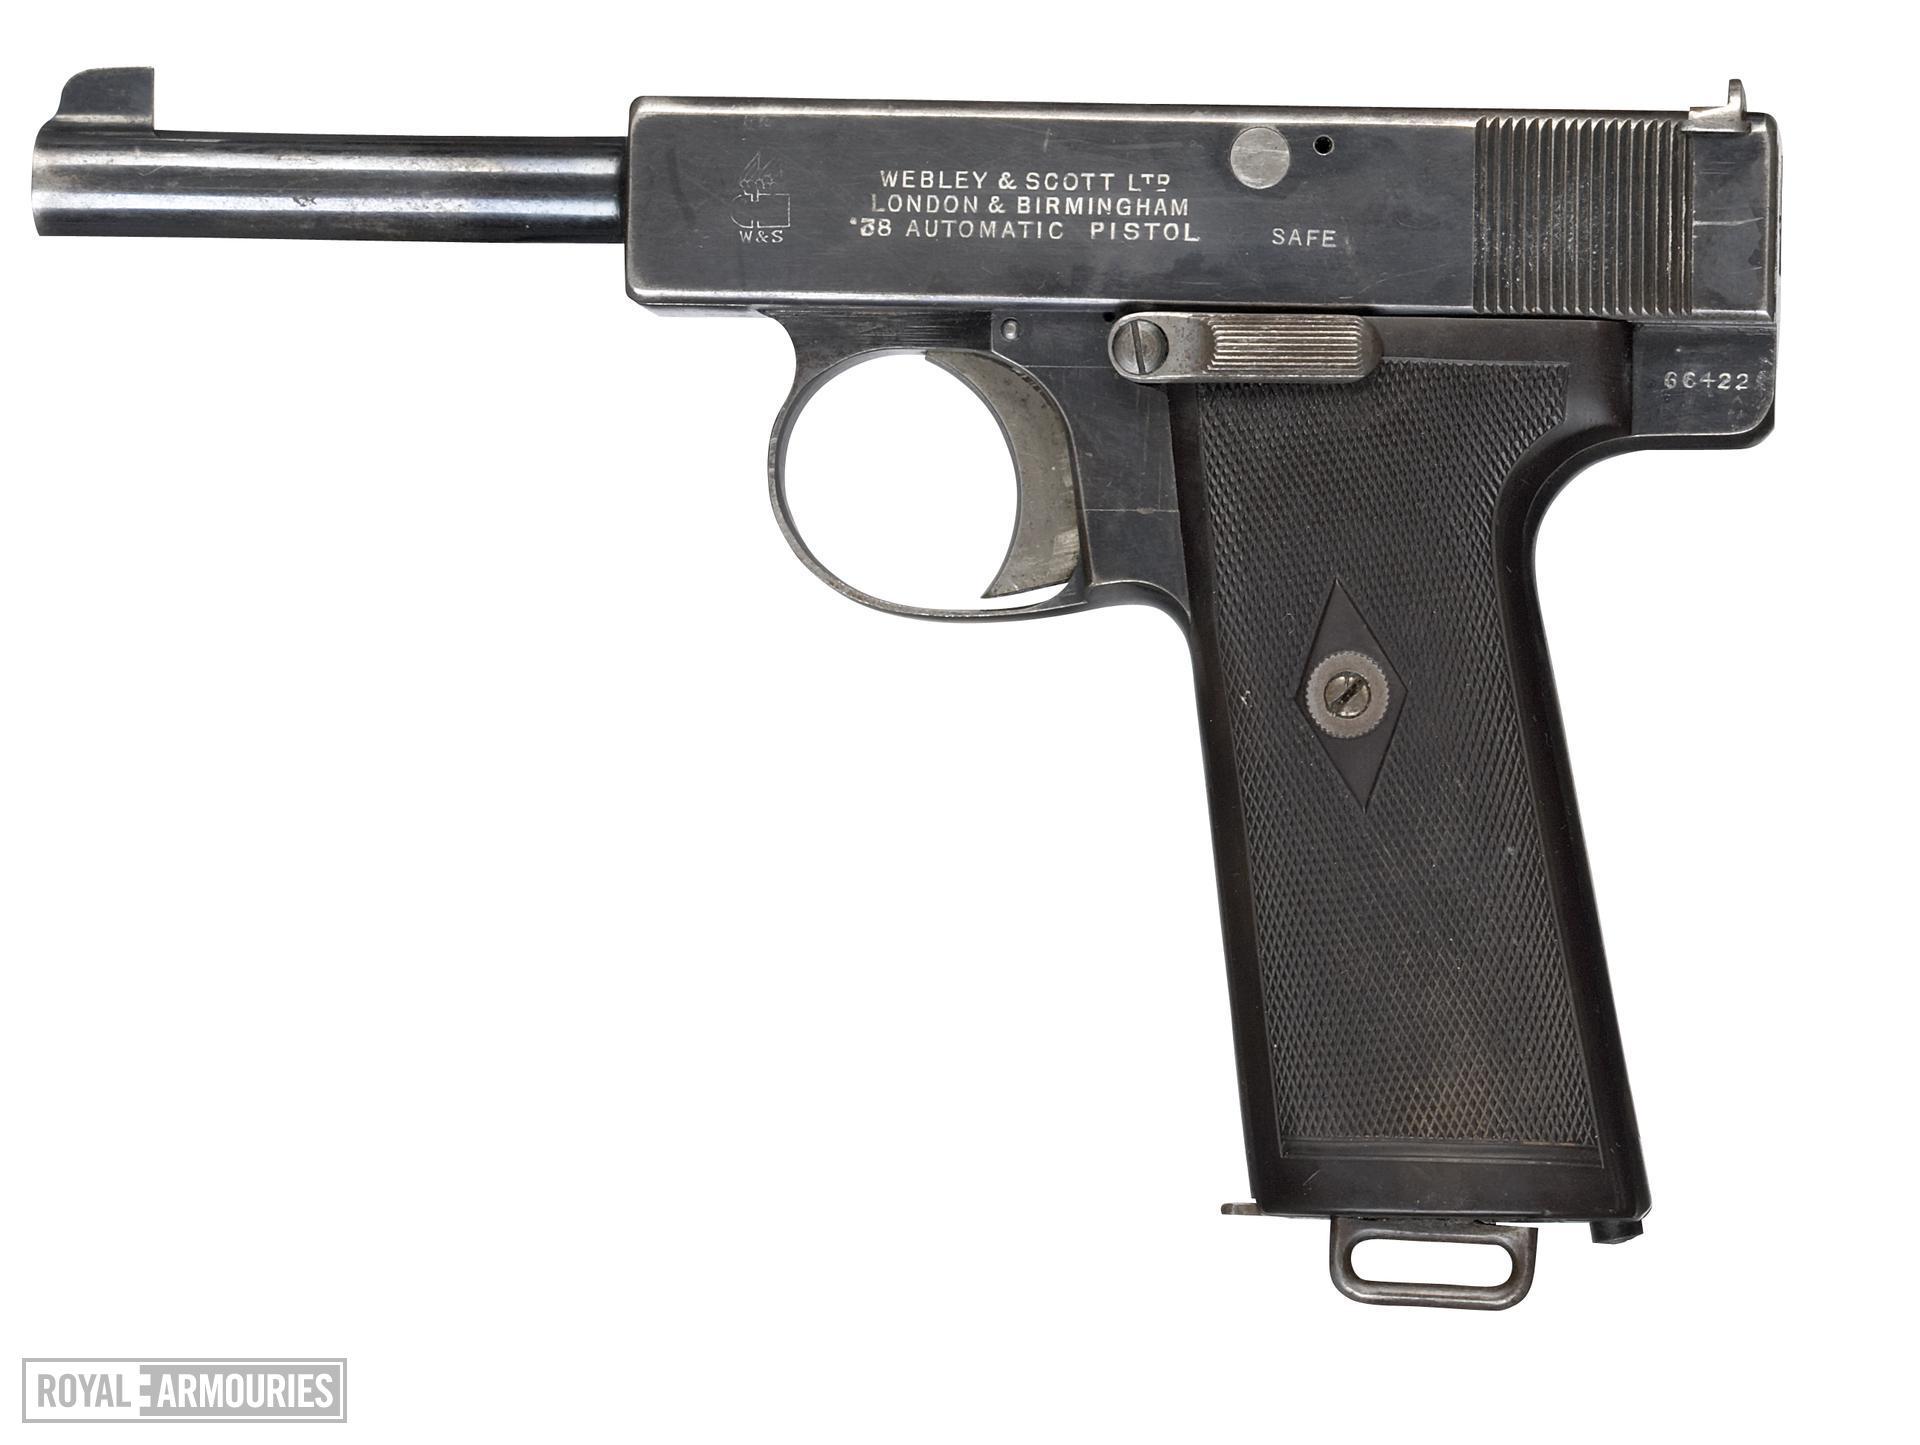 Centrefire self-loading pistol - Webley and Scott Model 1910